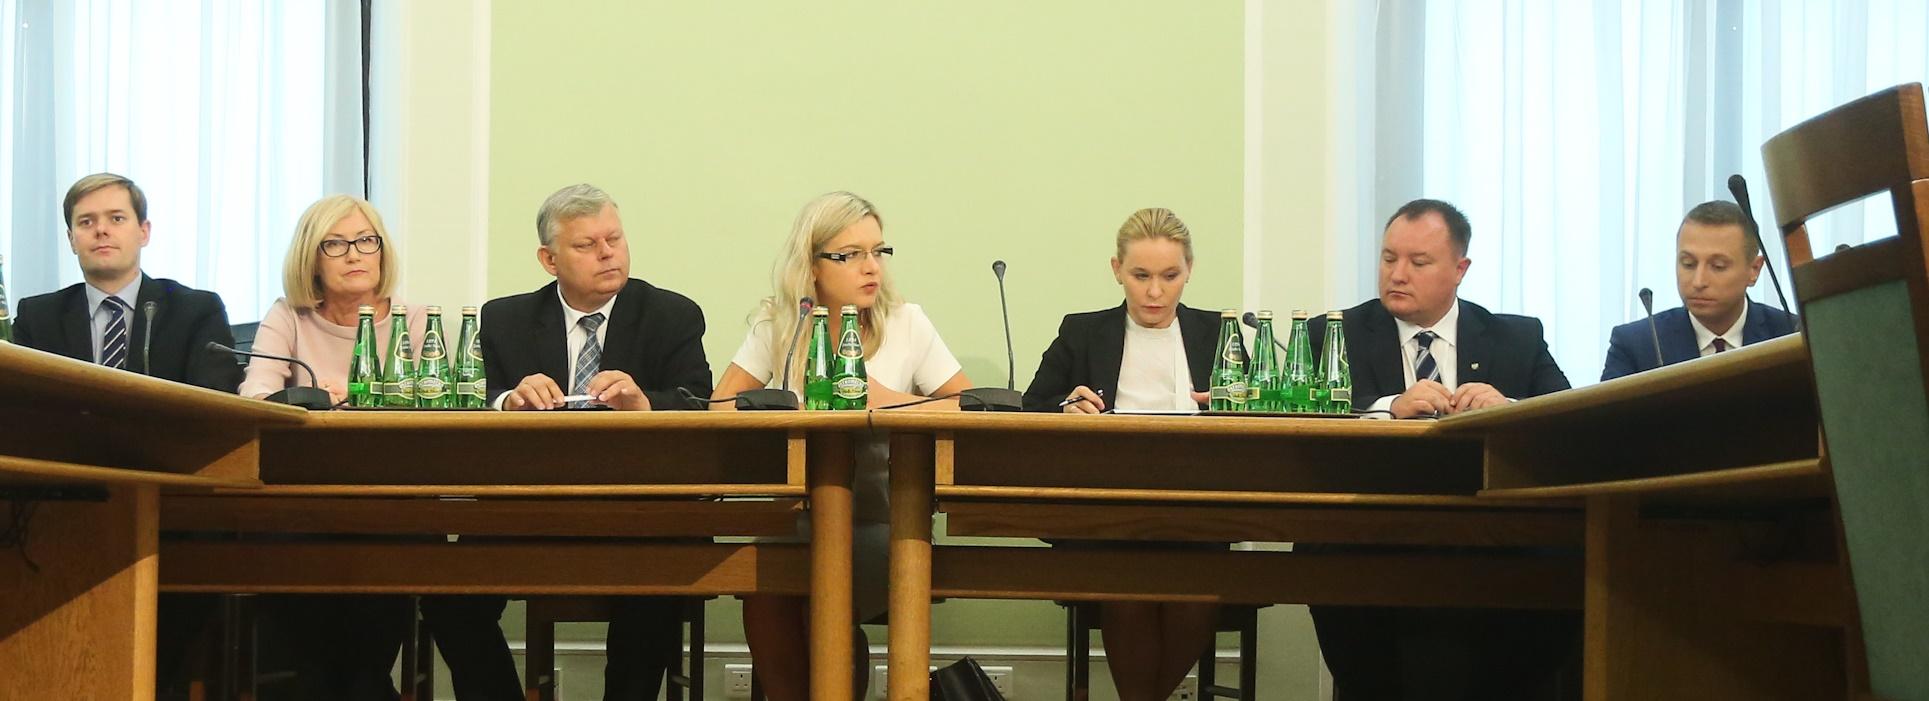 Amber Gold: Przesłuchanie byłego wiceministra spraw wewnętrznych Michała Deskura